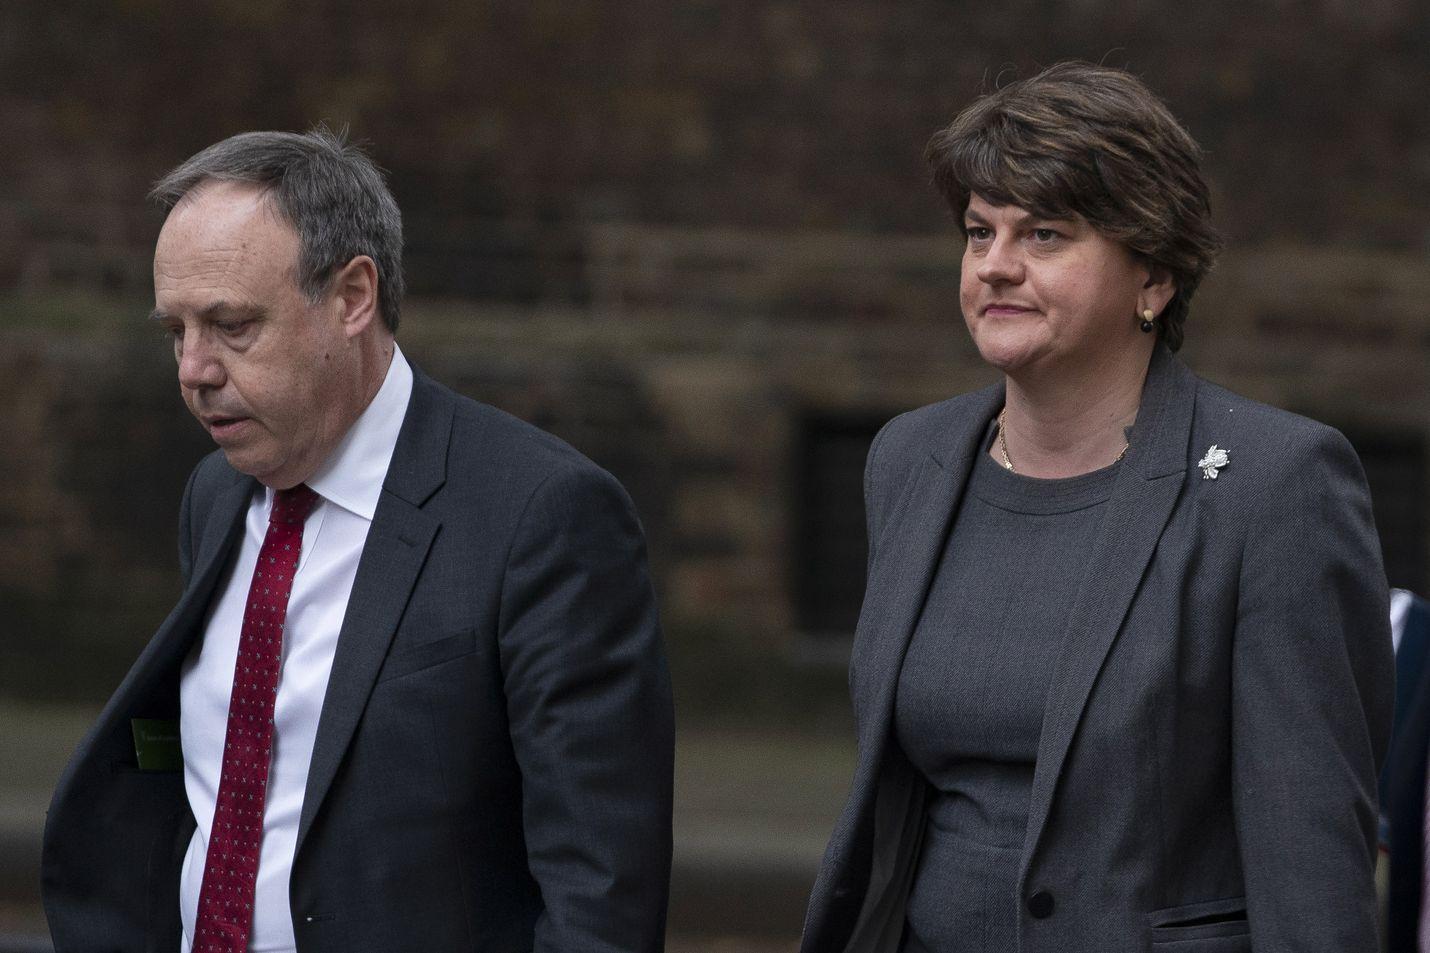 Pohjoisirlantilaisen DUP-puolueen puheenjohtaja Arlene Foster (oik.) ja varapuheenjohtaja Nigel Dodds saapuivat neuvottelemaan Britannian pääministerin Boris Johnsonin virka-asunnolle Lontoossa viime viikolla.